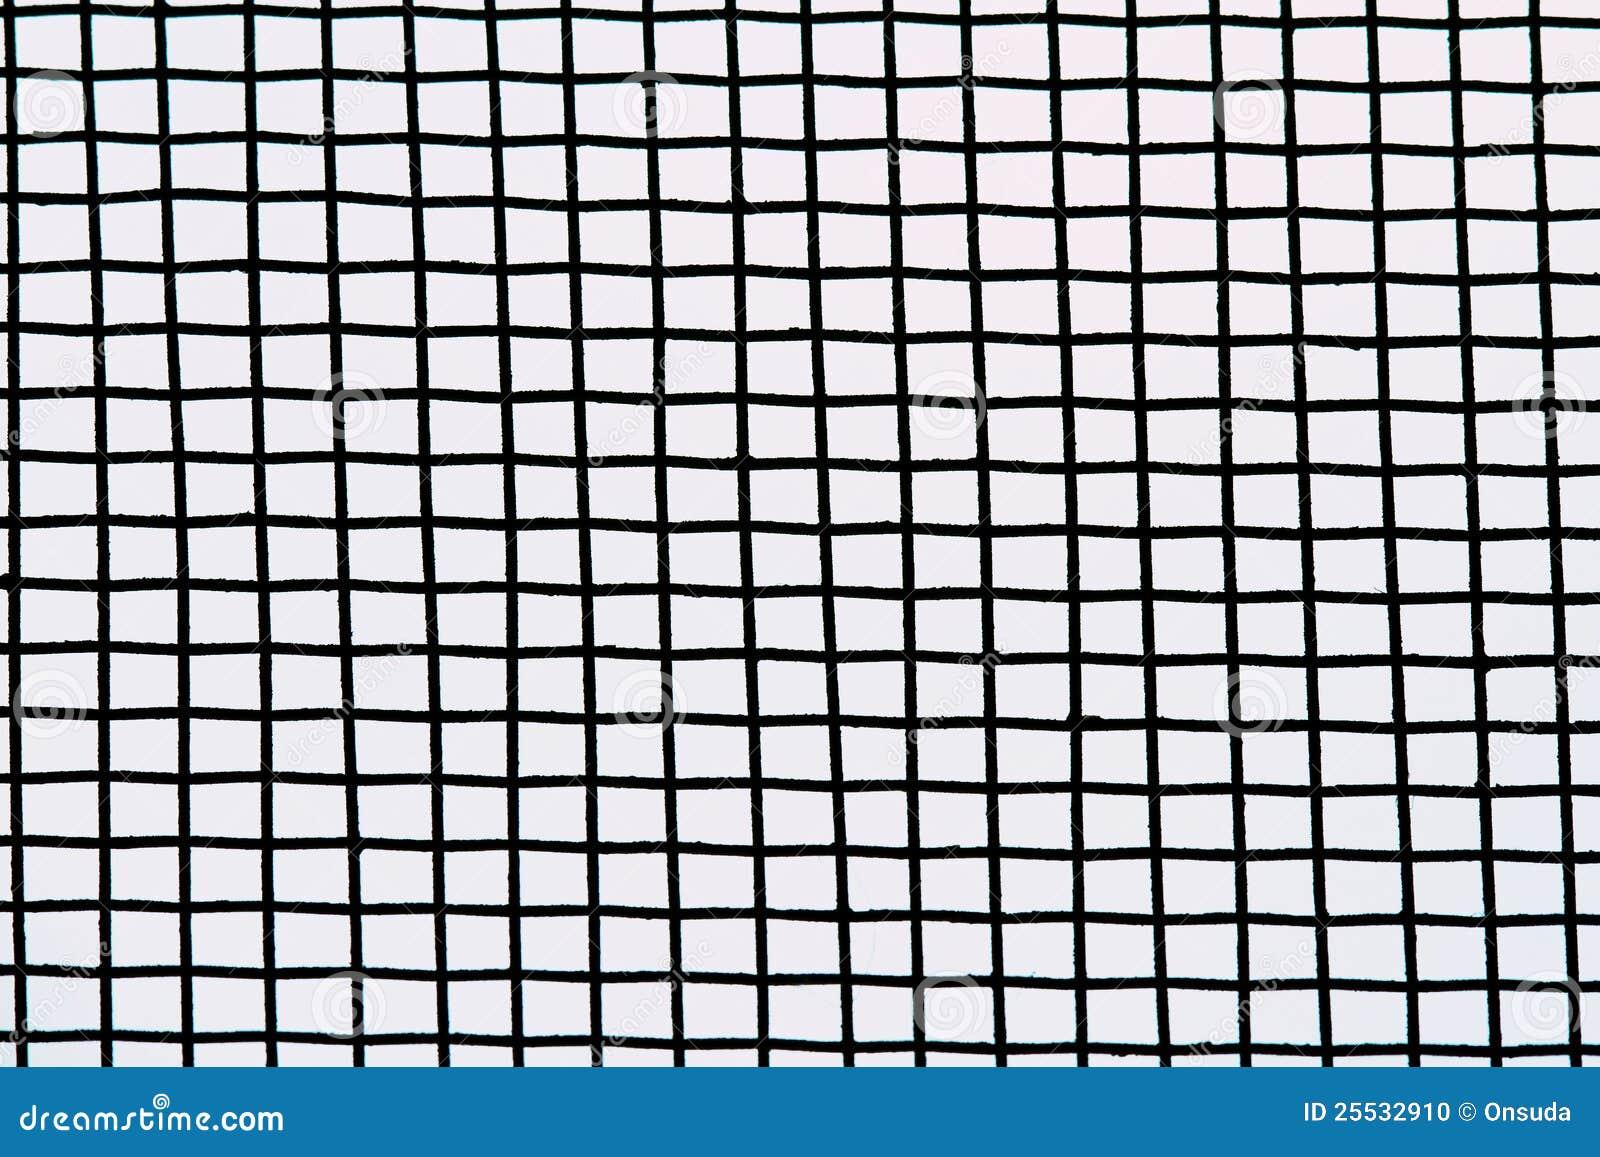 Window Screen Stock Photo Image Of Gray Material Door